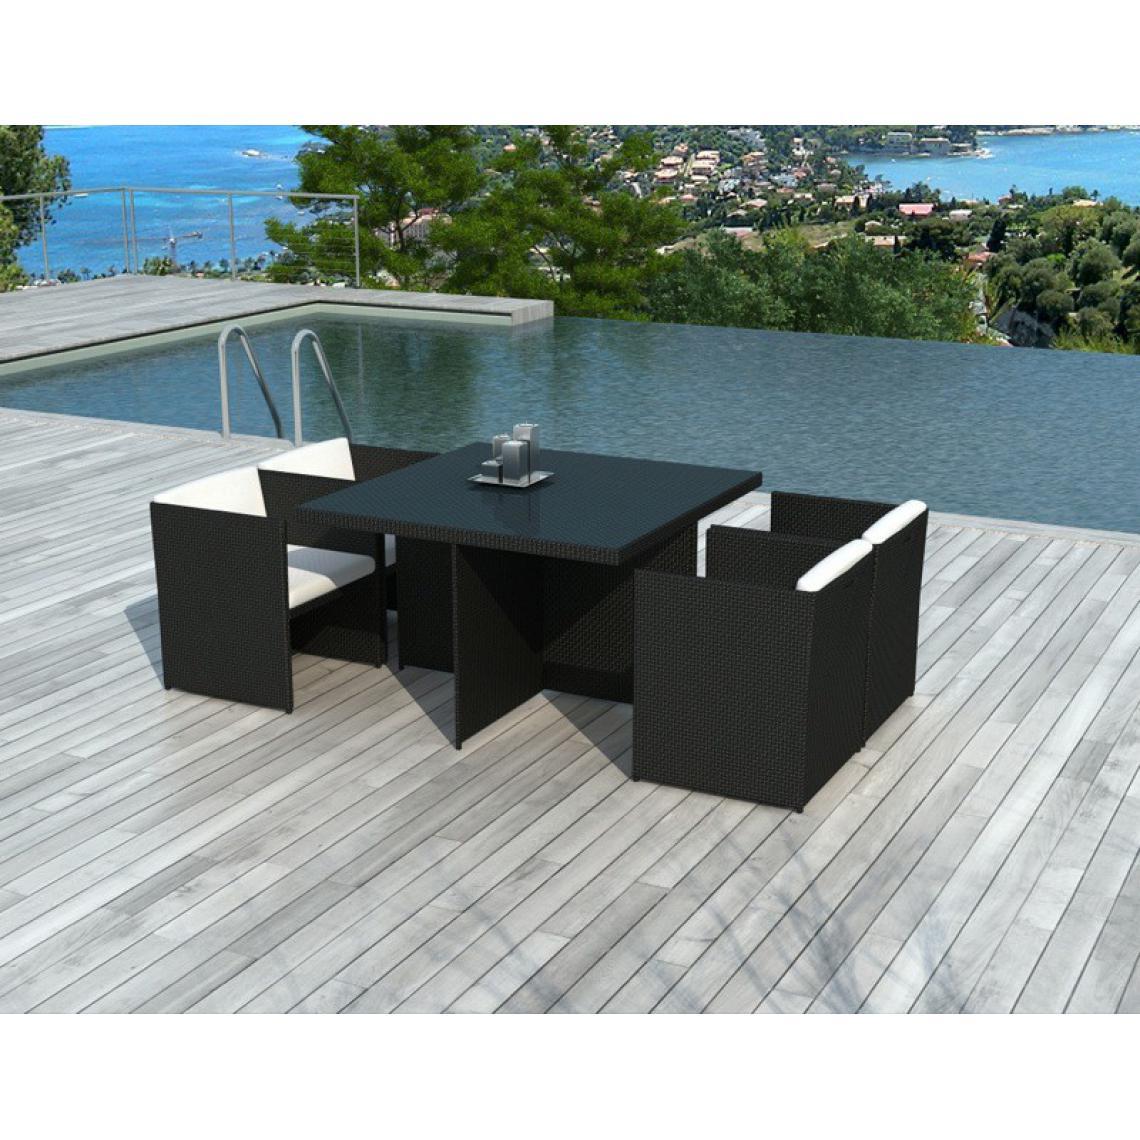 Table Et Chaises De Jardin Bicolores En Résine Tressée Alix intérieur Table Et Chaise De Jardin En Resine Tressee